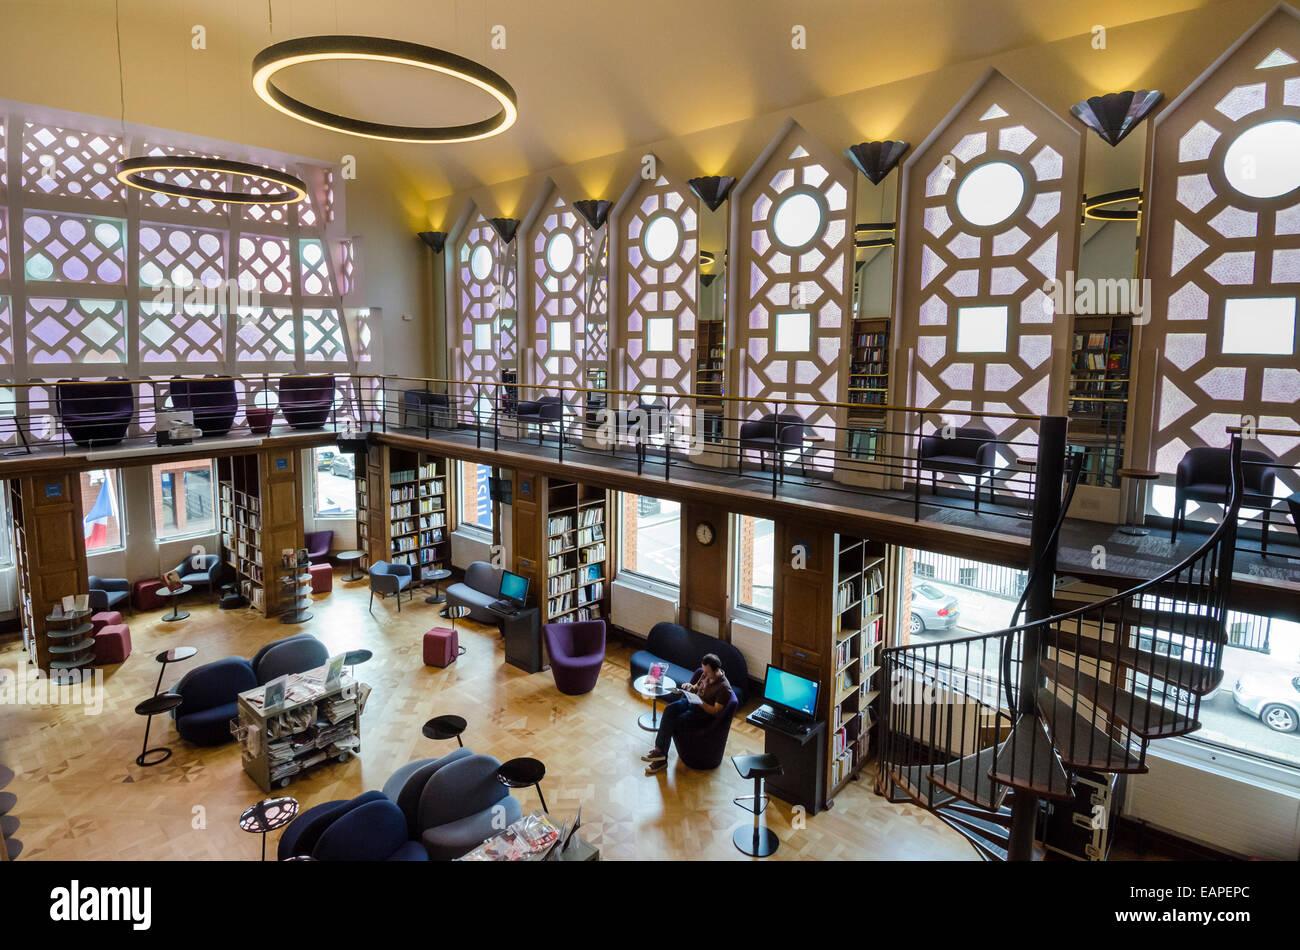 Institut Francais du Royaume-Uni l'Art Déco salle de lecture. Kensington, Londres Photo Stock